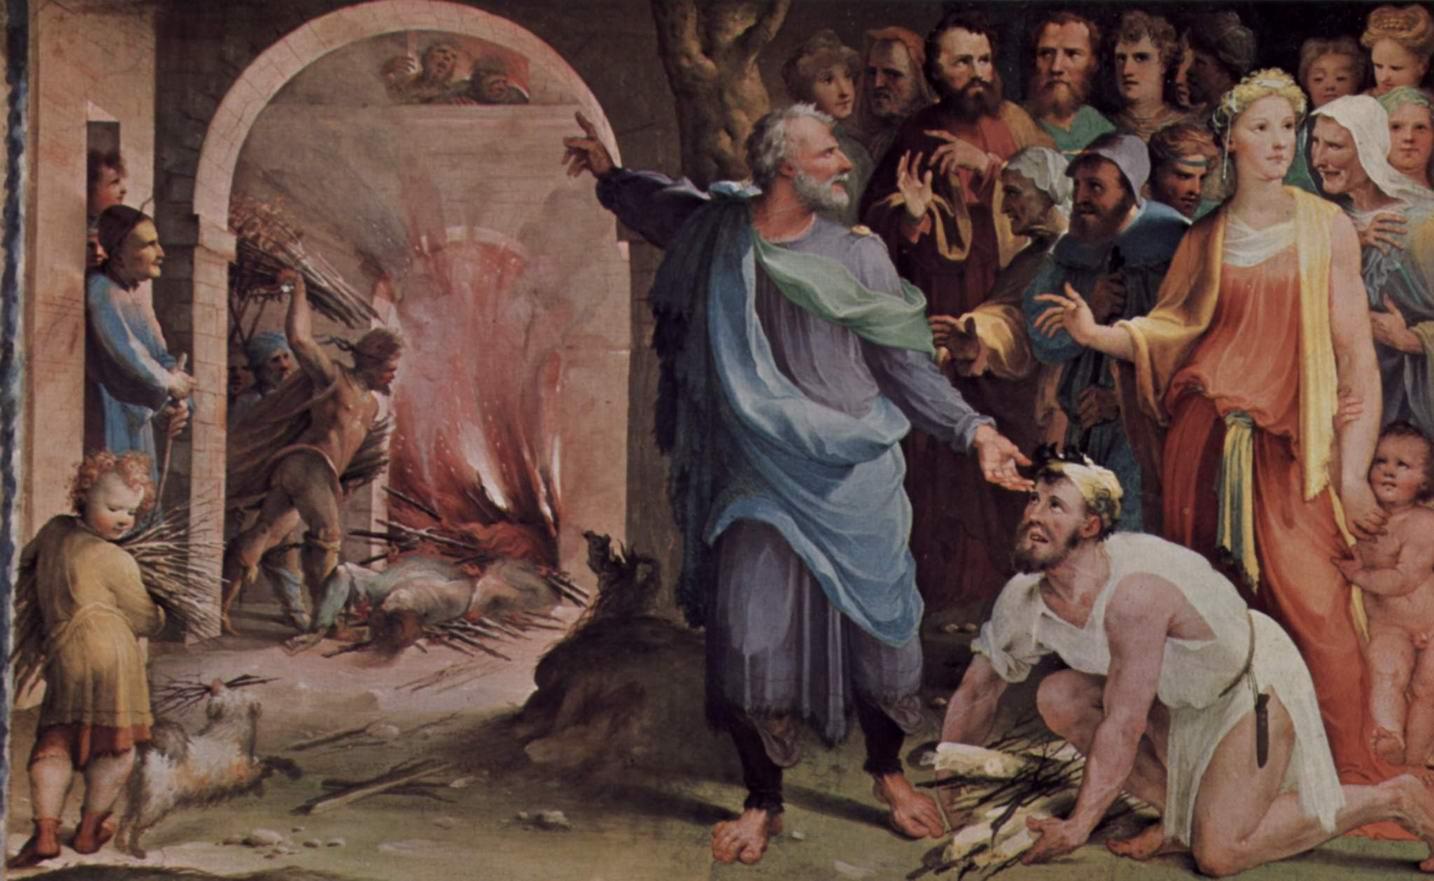 Аллегорический цикл фресок (Политические добродетели) из Палаццо Пубблико в Сиене. Трибун Публий Муций посылает своих союзников на костёр, Беккафуми Доменико